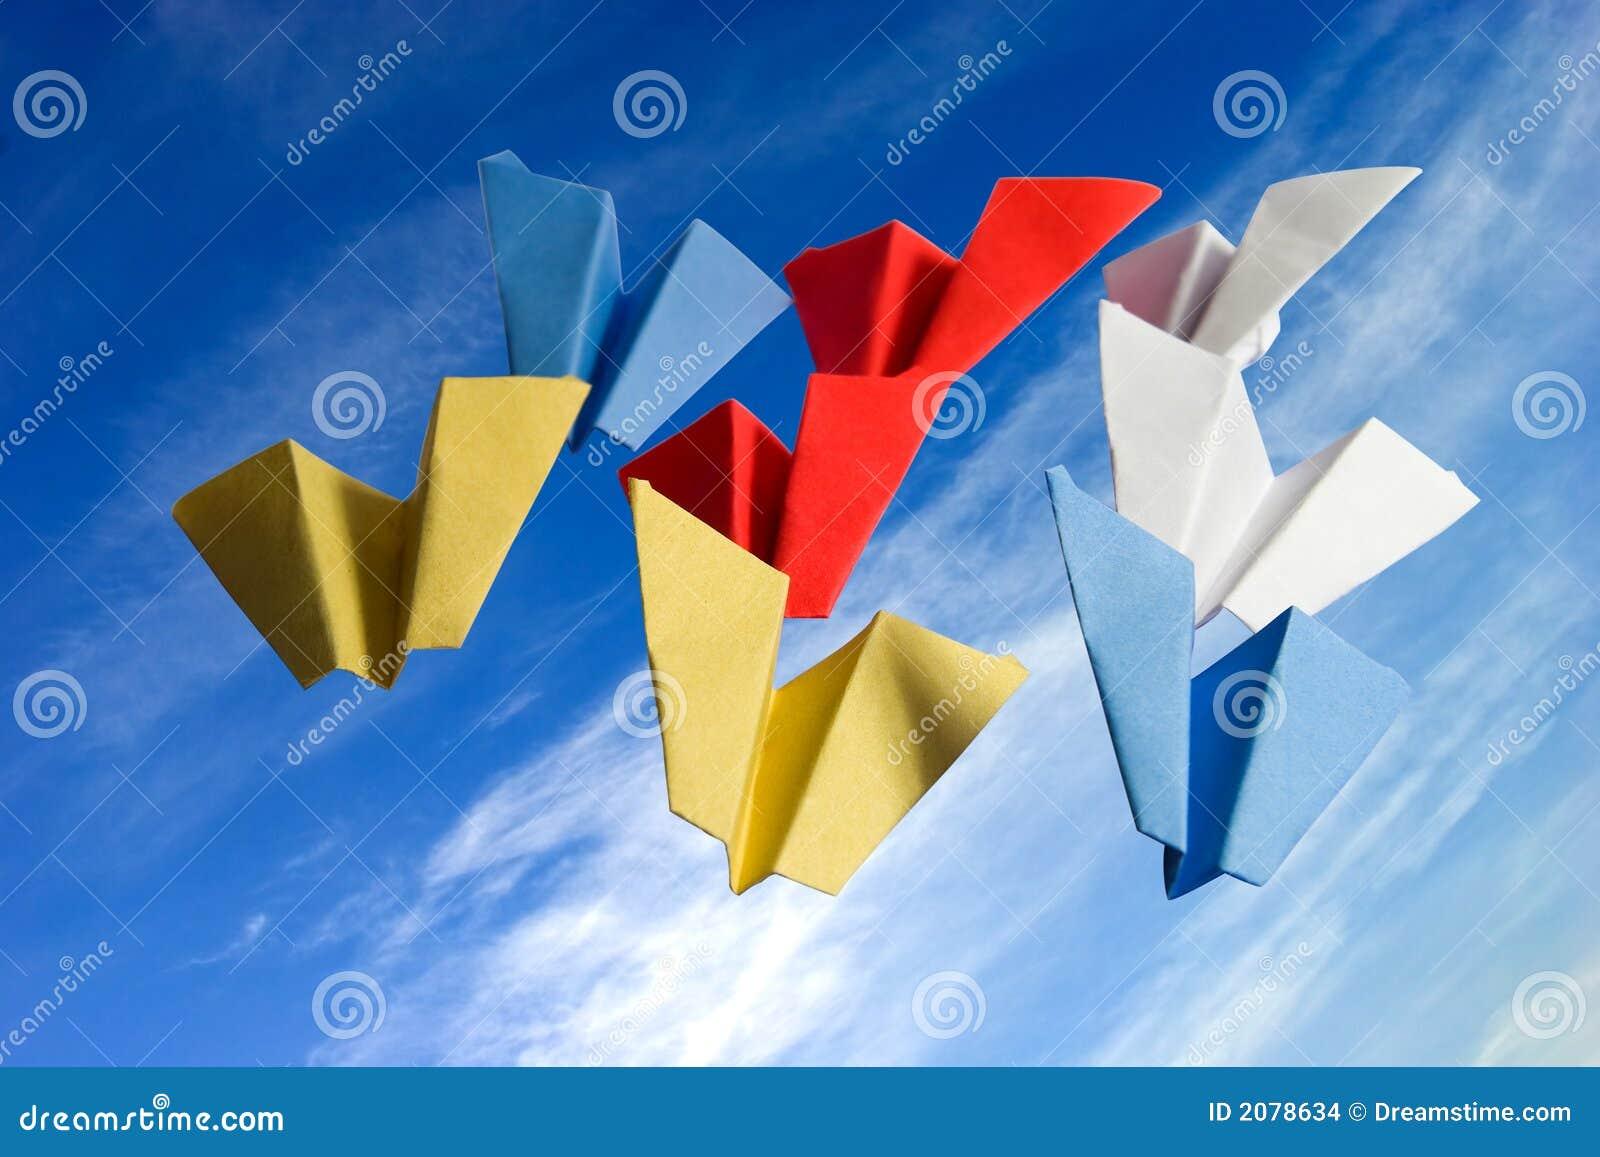 El papel abstracto del origame acepilla en fondo del cielo nublado